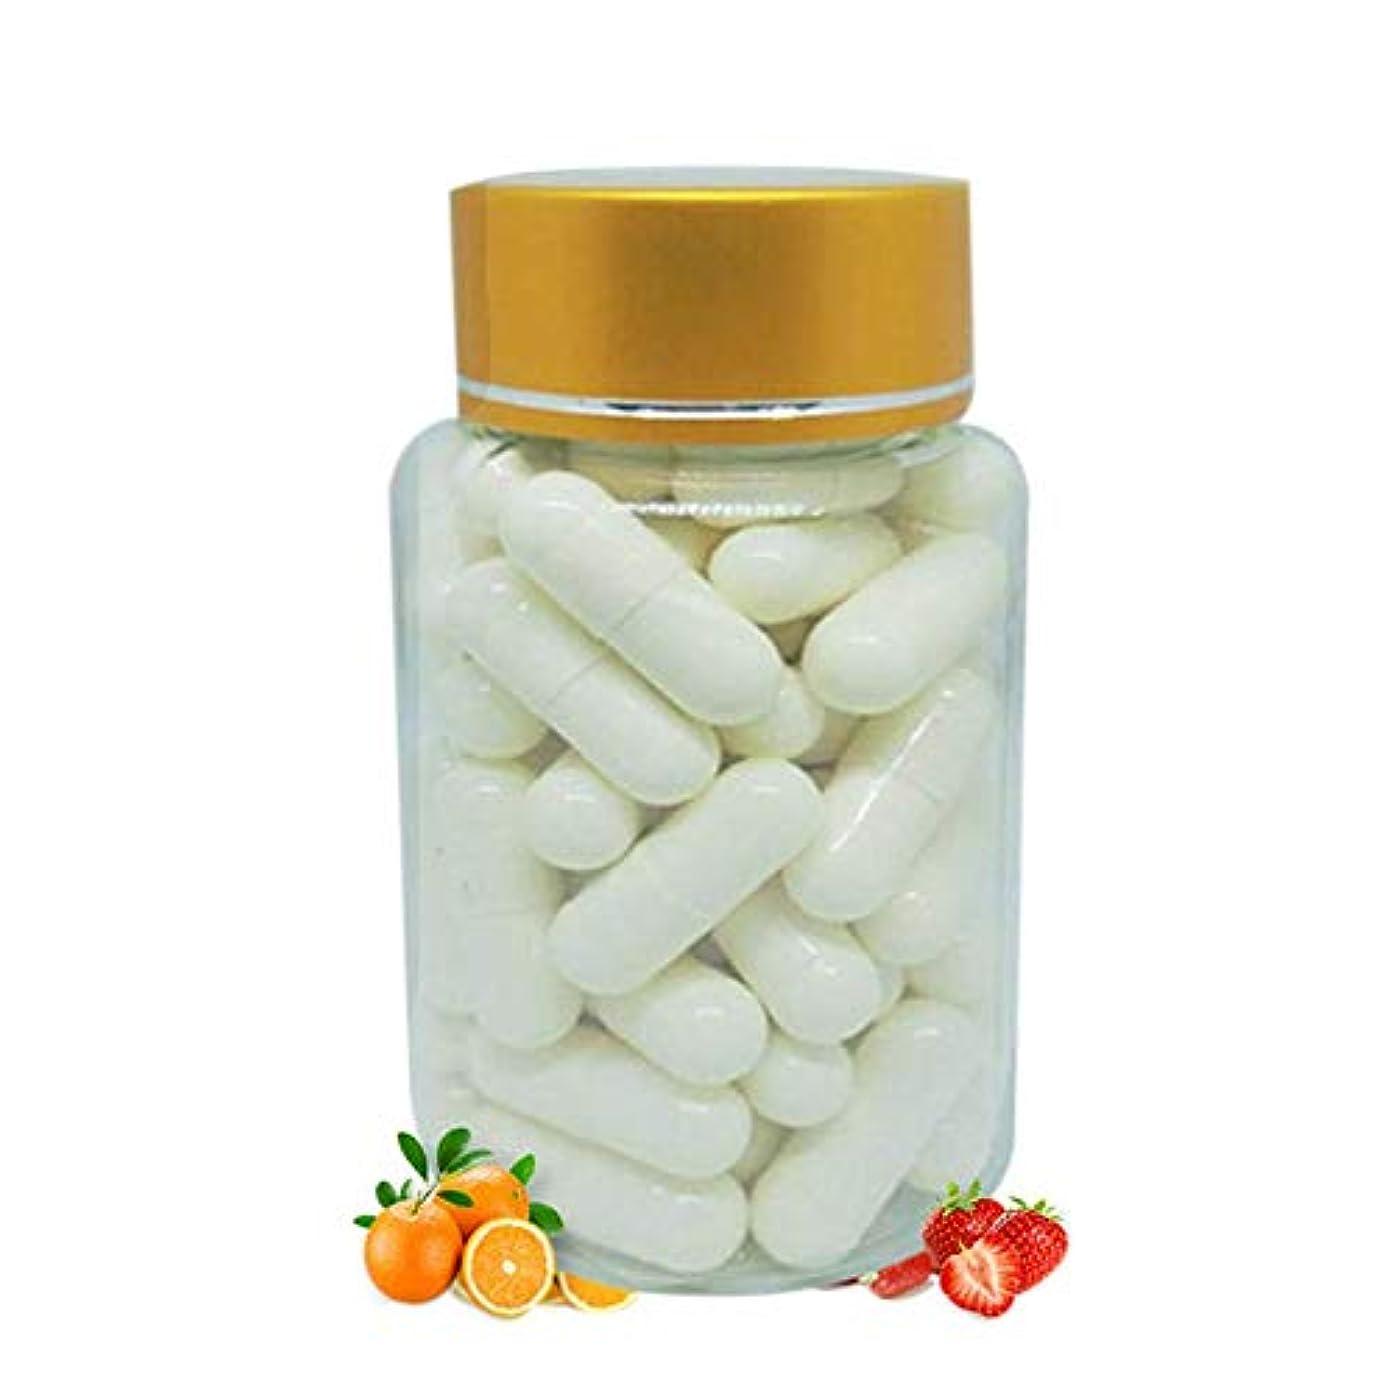 酸っぱい甘やかすアドバンテージTOOGOO カプセルマスク 粉末コラーゲンタンパク質フェイススキンケアマスククリスタル若返りマスク